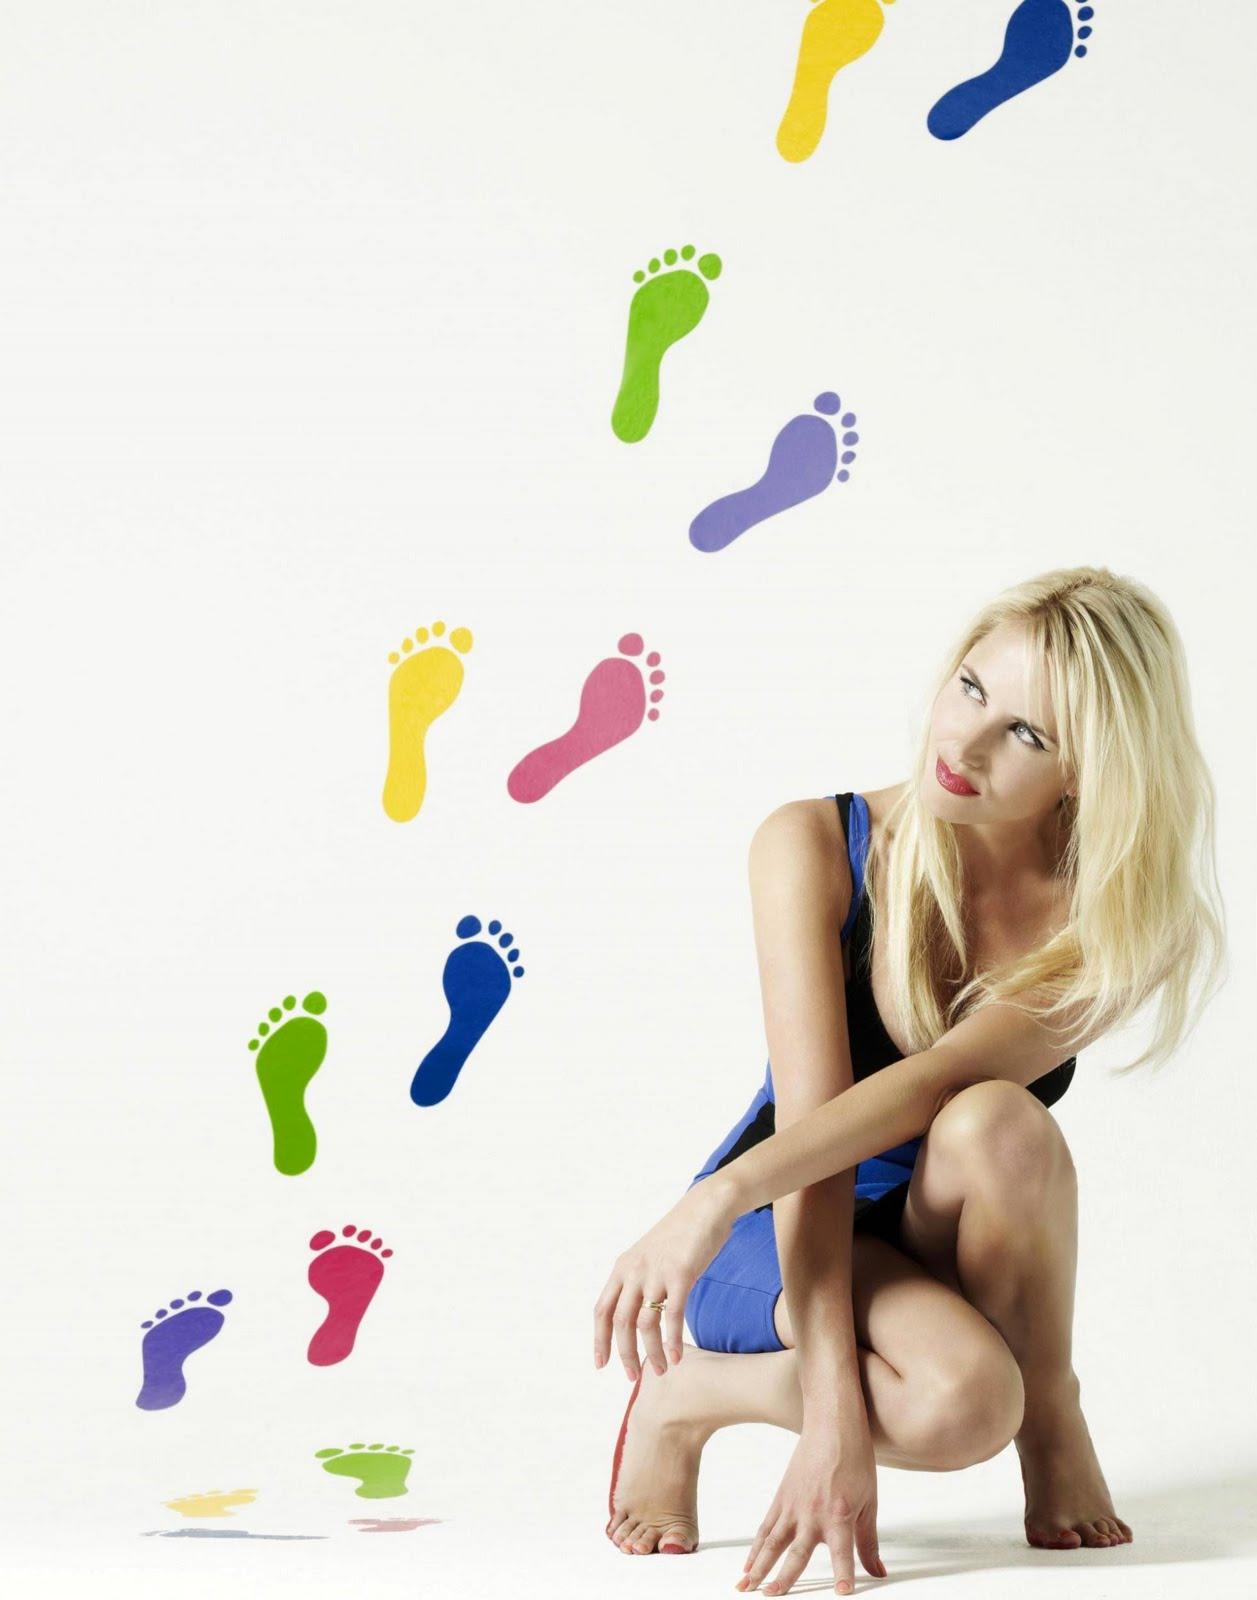 http://4.bp.blogspot.com/_UaLWp72nij4/TFCWMPH9CDI/AAAAAAAASeE/s8_NO2d4ndQ/s1600/tamzin-outhwaite-feet-3.jpg